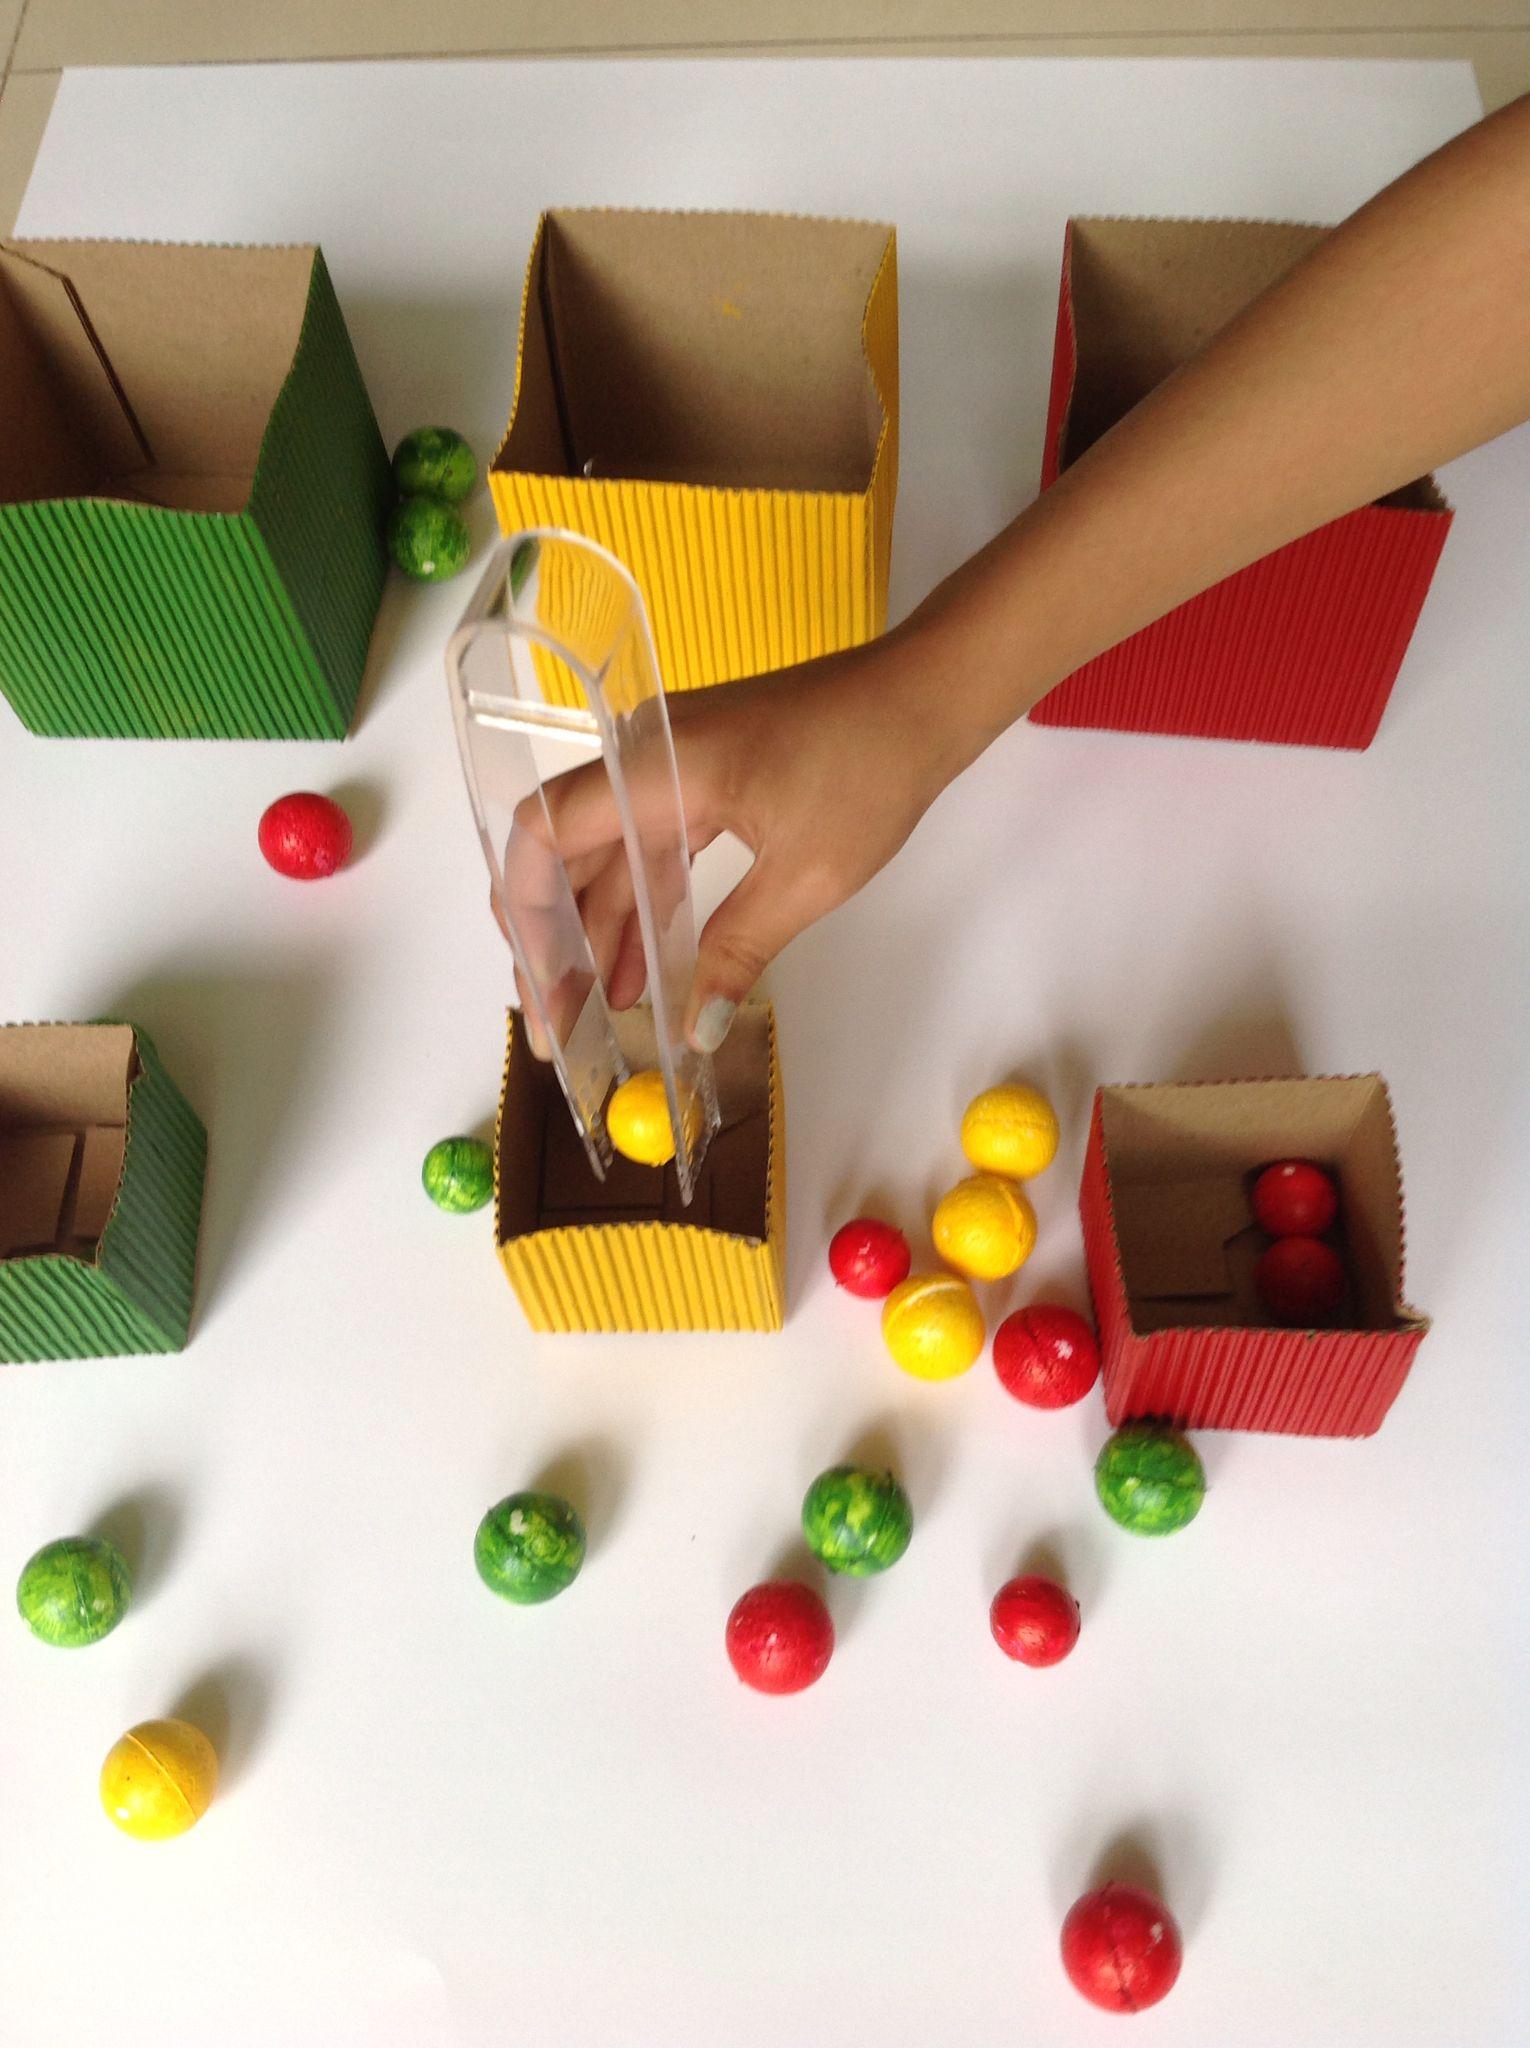 Clasificación por tamaño y color con cajitas de cartón y pelotitas de unicel. Uso de pinzas.